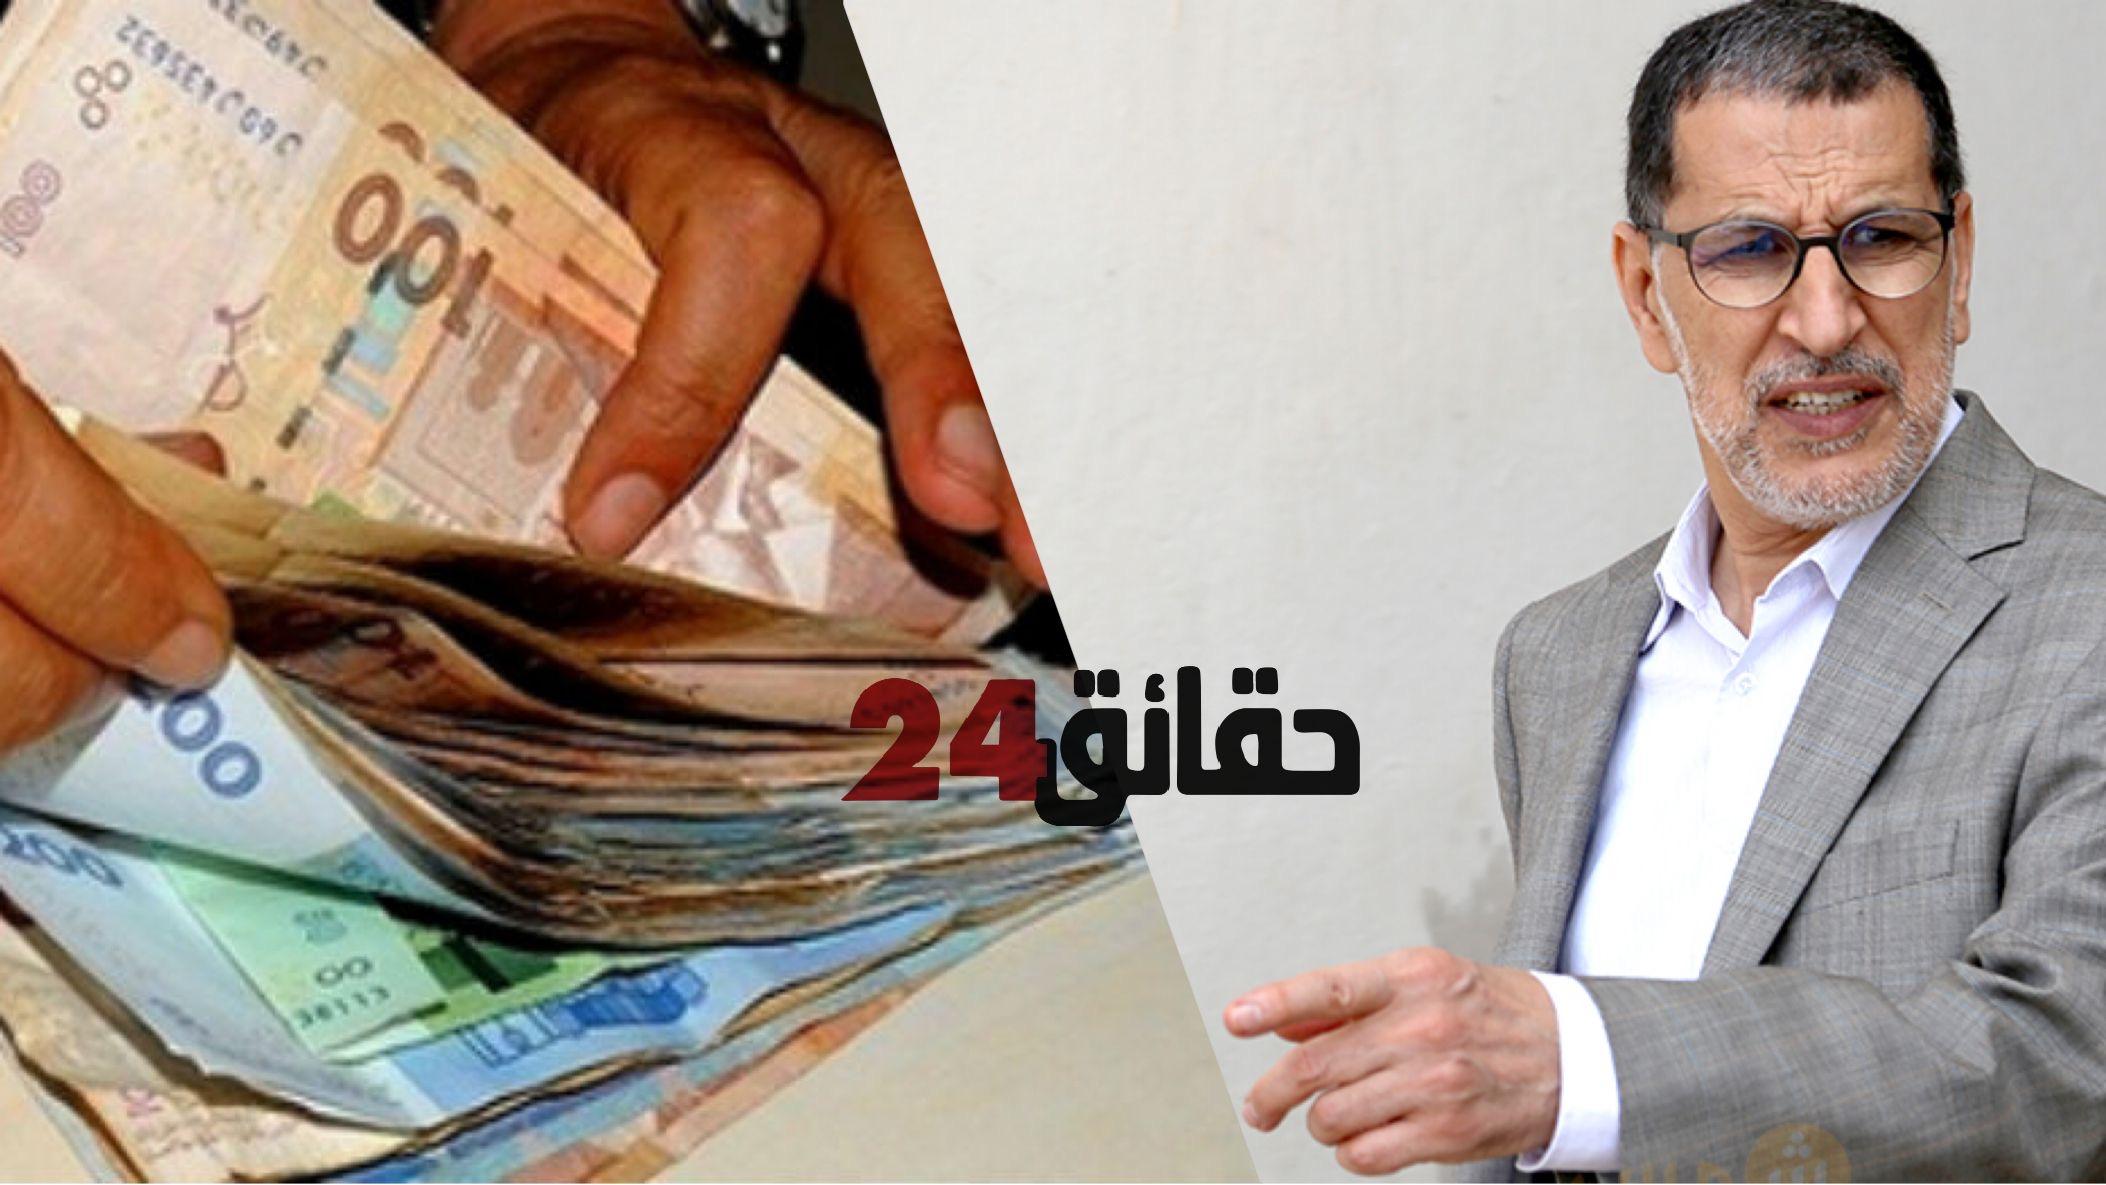 صورة لتعزيز الموارد المالية للميزانية .. الحكومة تصادق على الإقتطاع من أجور الموظفين